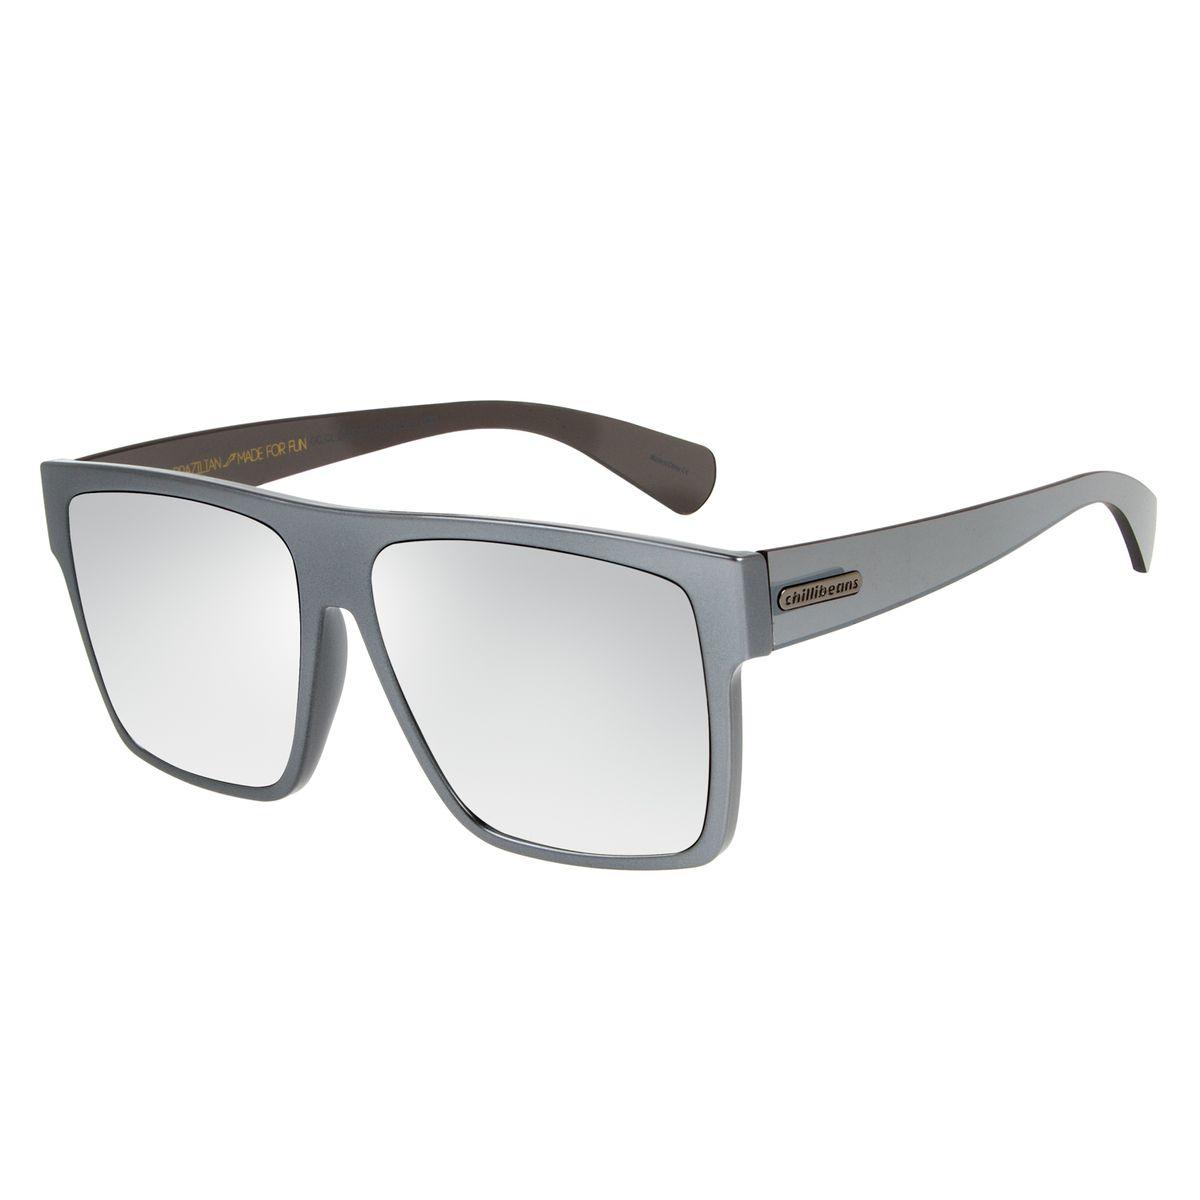 1d38d1472 Óculos de Sol Masculino Chilli Beans Grafite 2545 - OC.CL.2545.3224 M. REF:  OC.CL.2545.3224. OC.